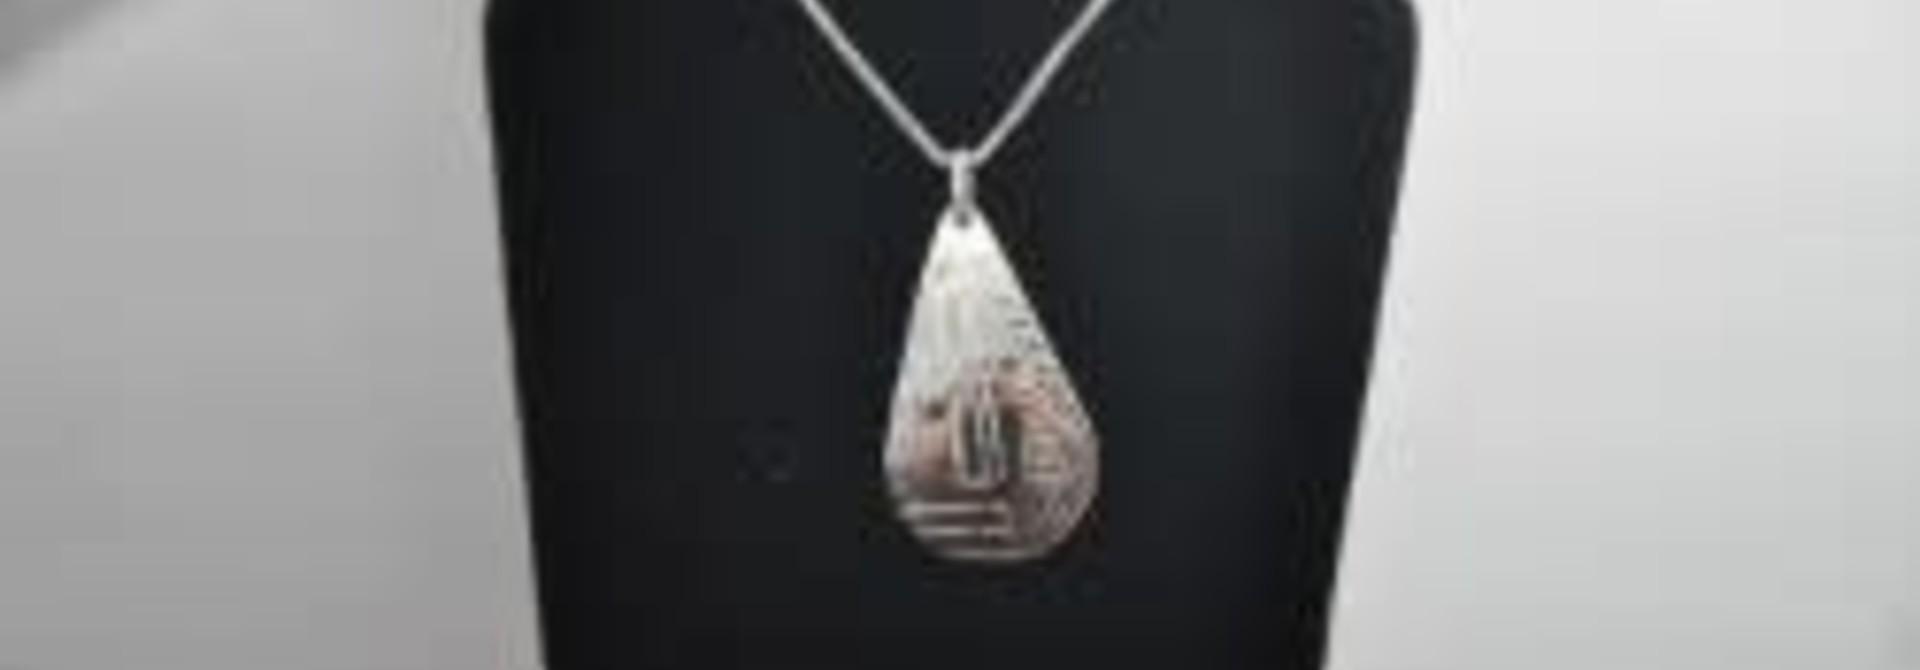 Silver Carved Pendant- Eagle design by Vincent Henson